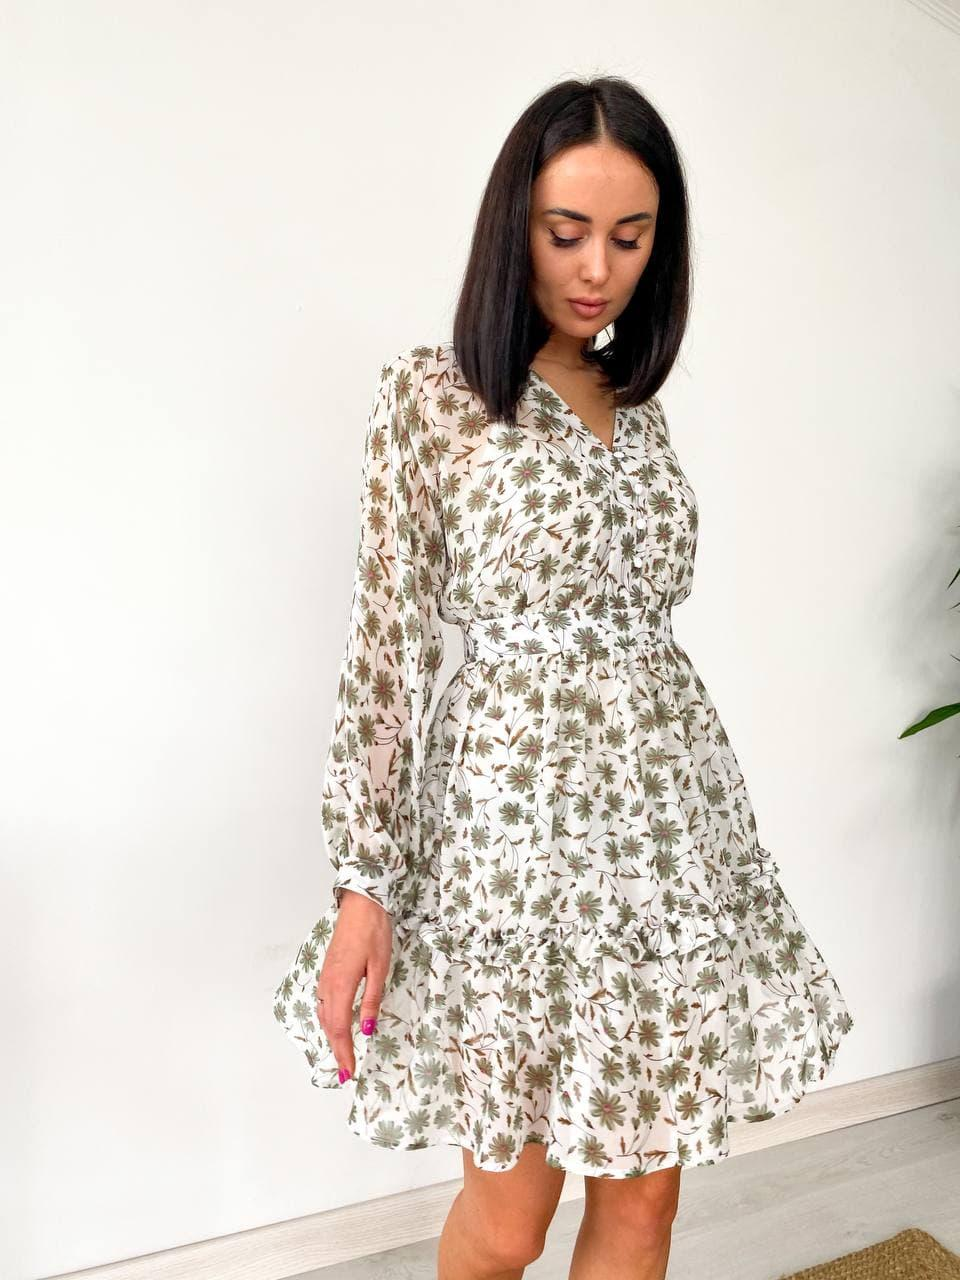 Сукня жіноча літнє з шифону біле з квітковим принтом. Жіноче літнє плаття шифонове в квіточку.